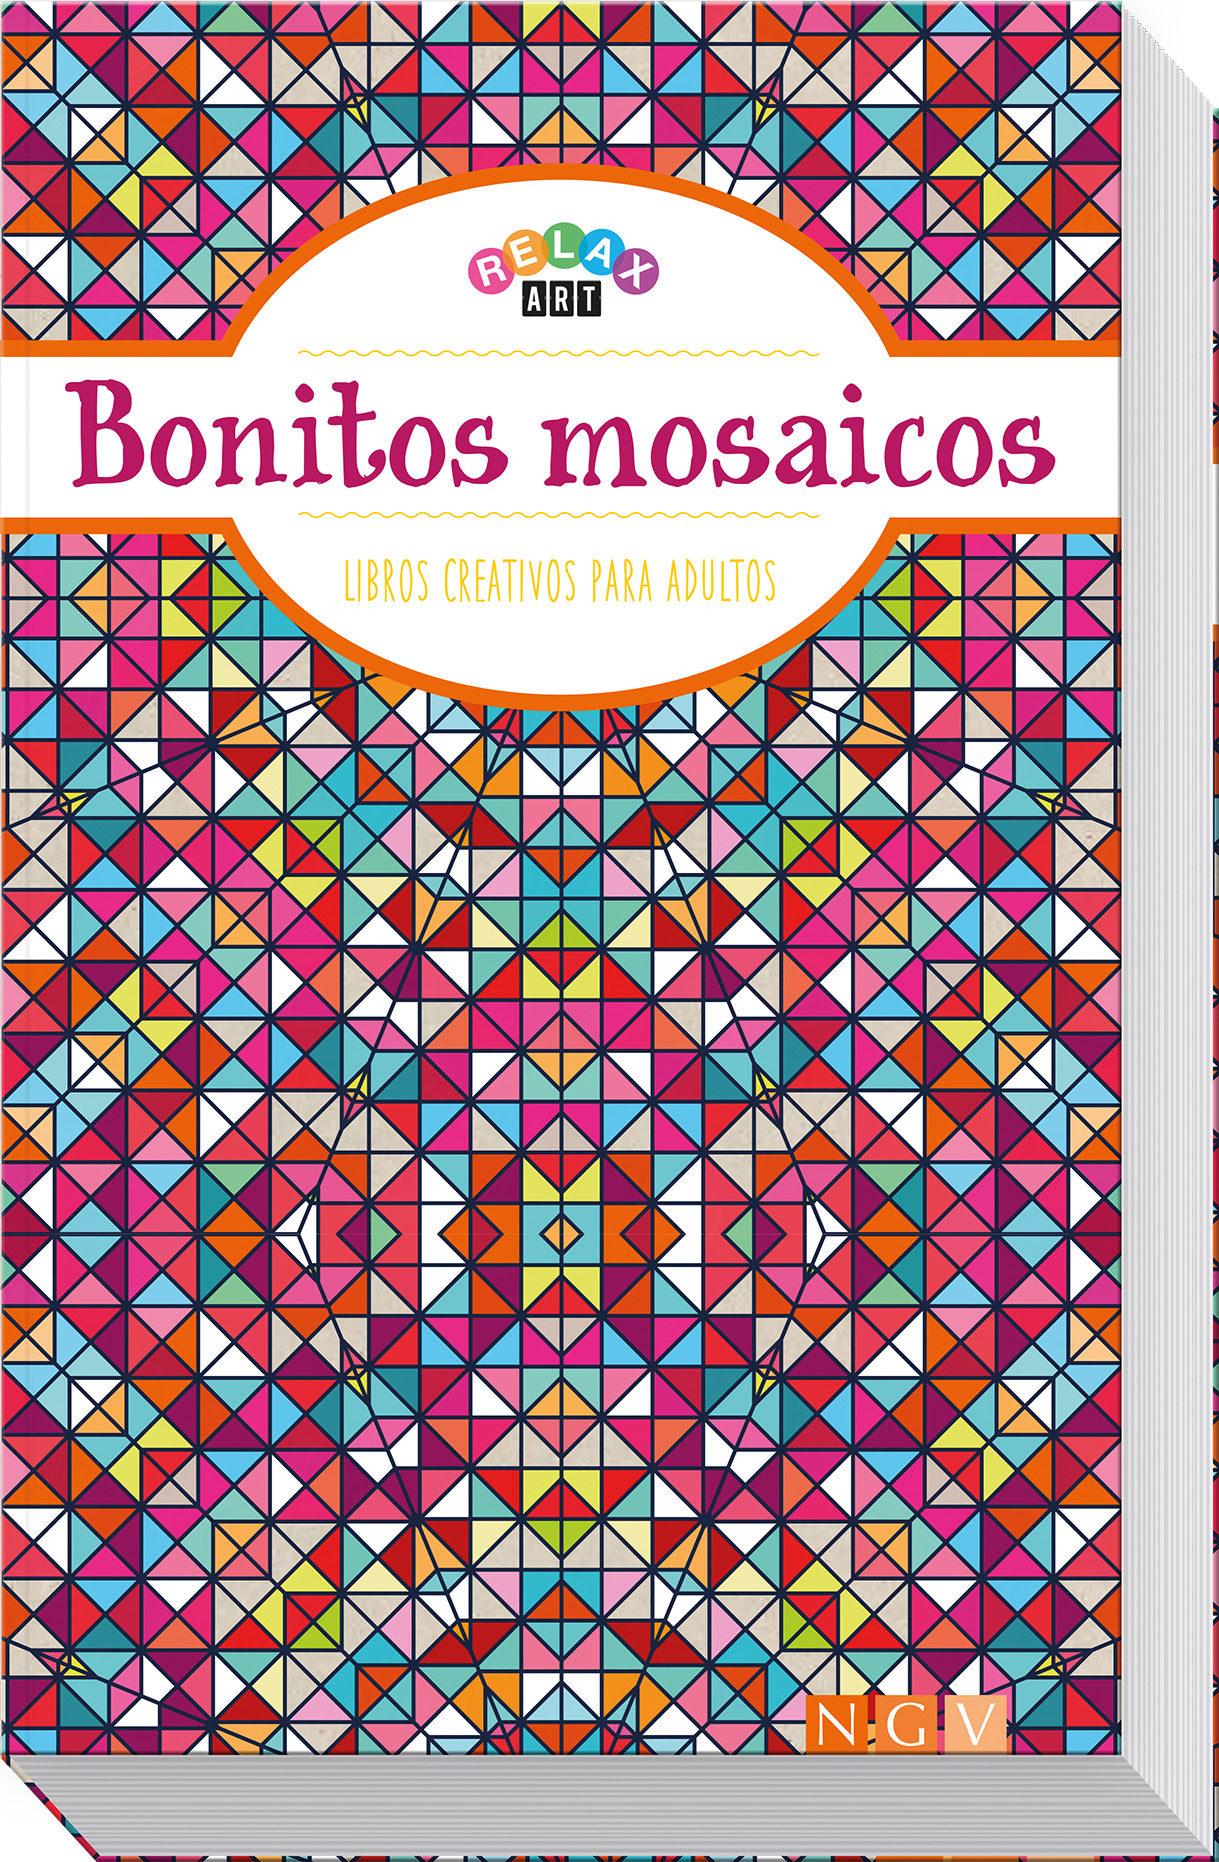 BONITOS MOSAICOS | VV.AA. | Comprar libro 9783869416618